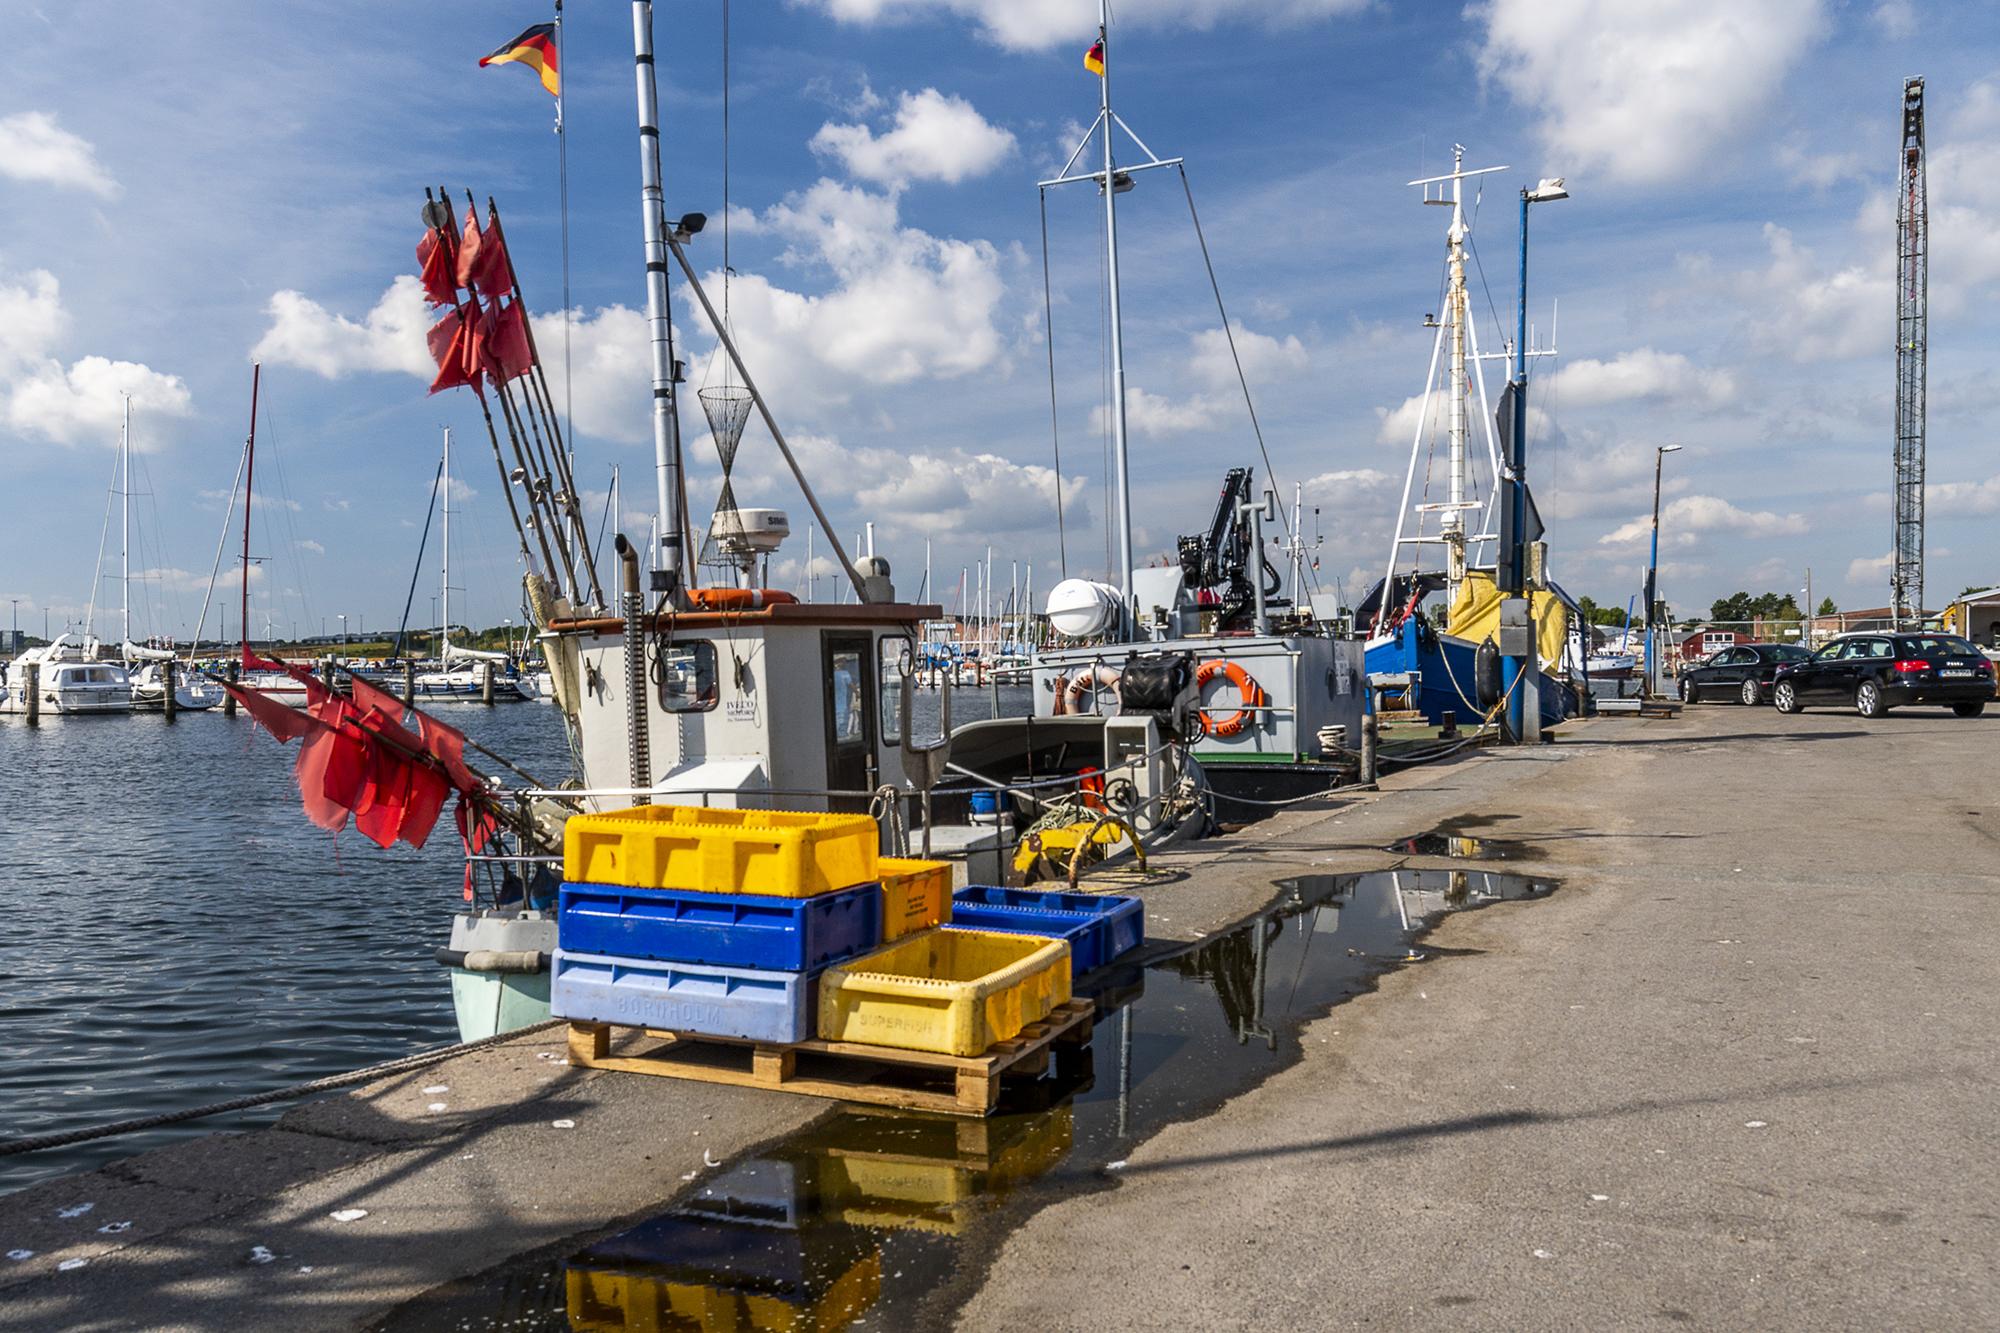 Travemünde Fischereihafen, Germany